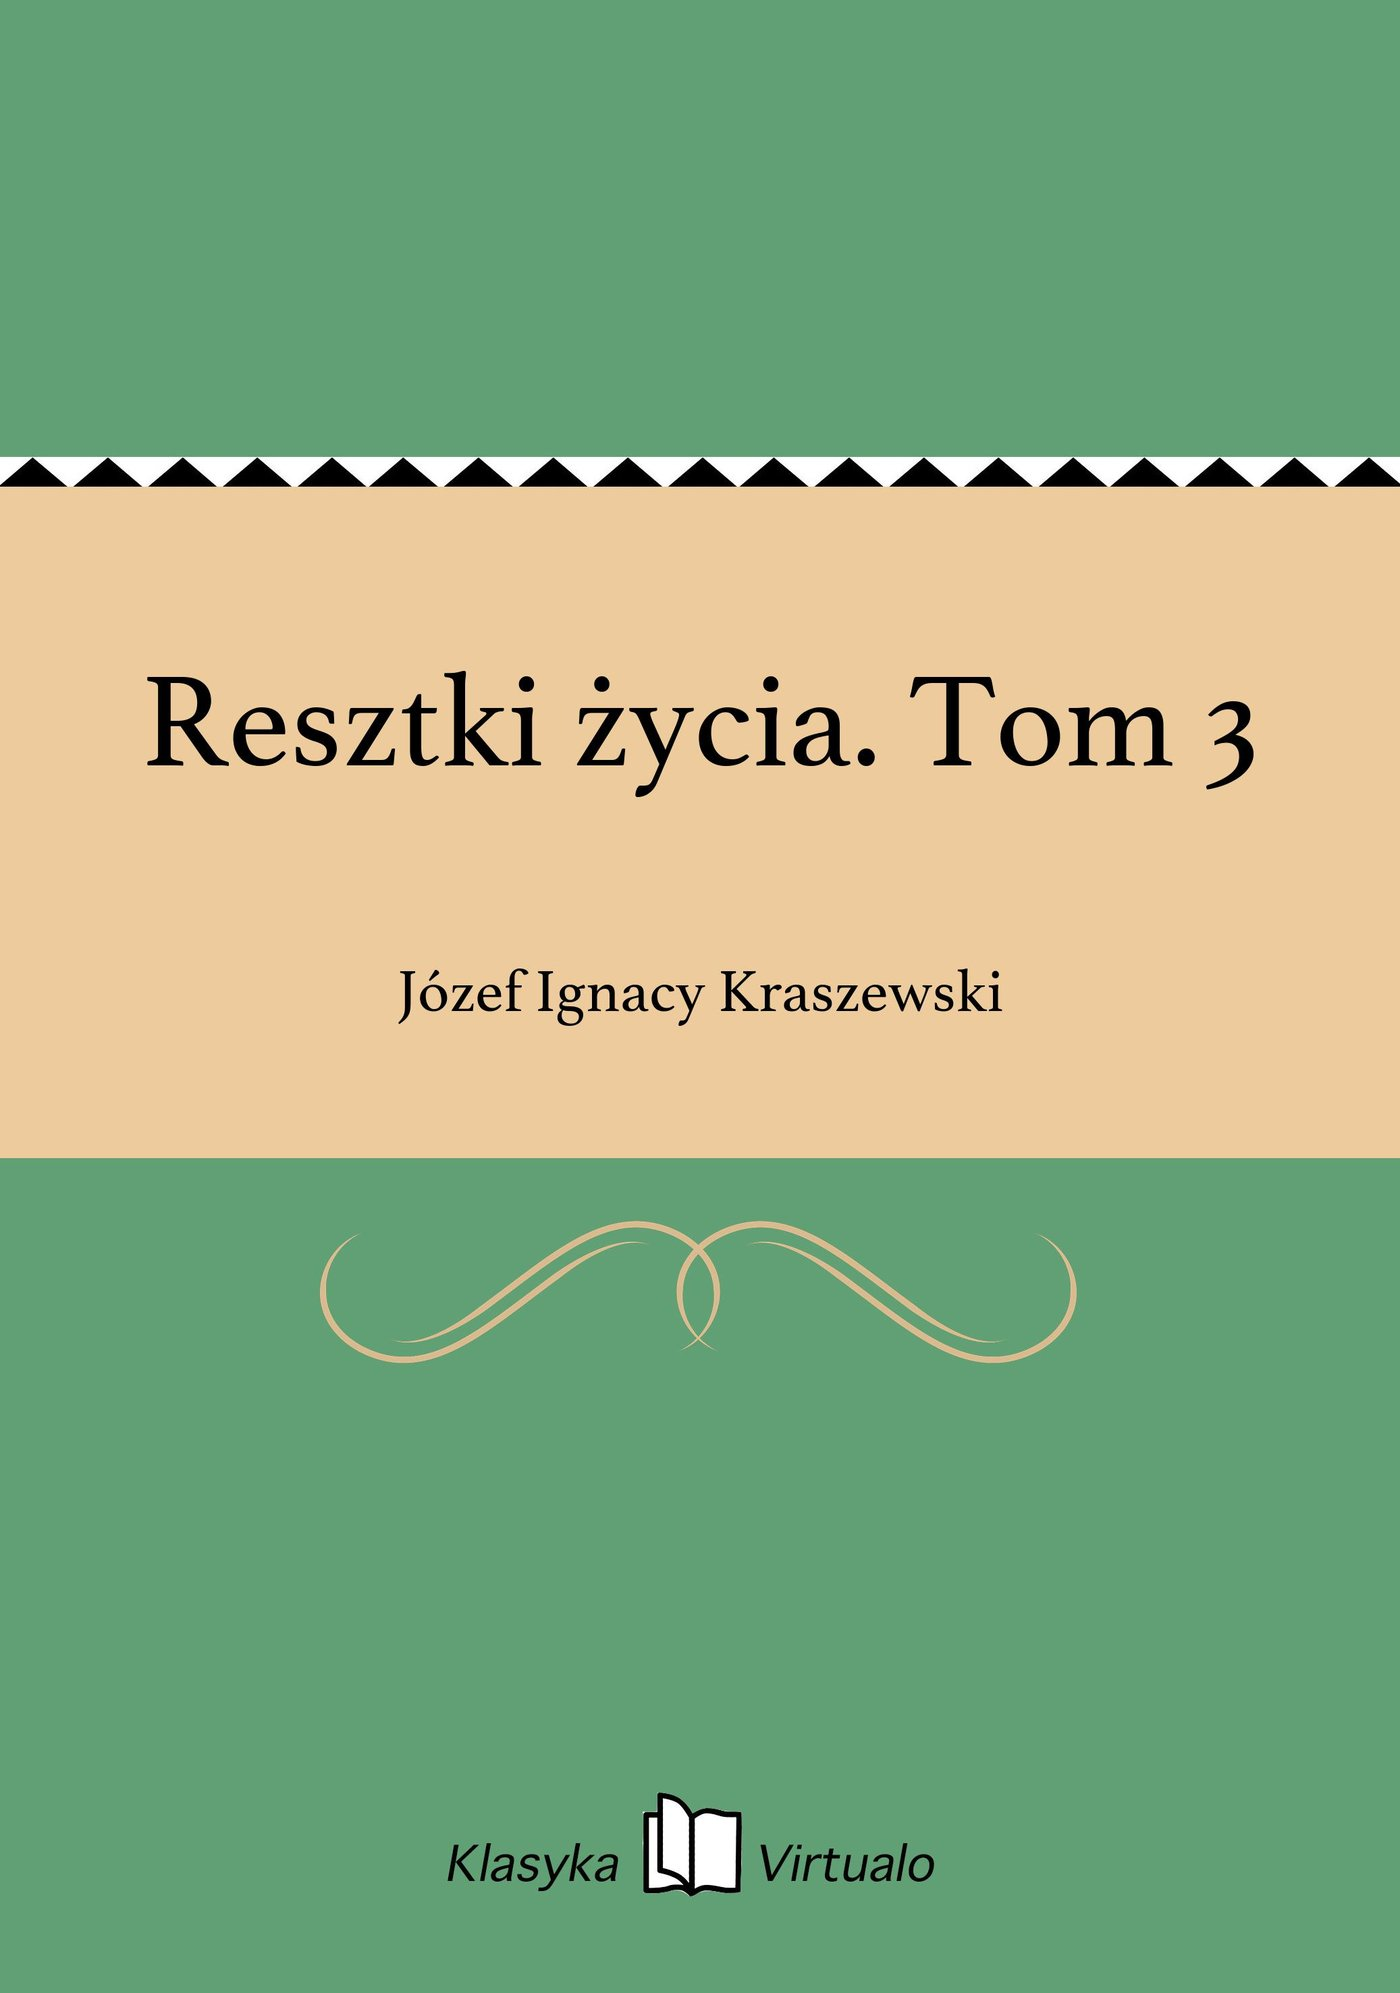 Resztki życia. Tom 3 - Ebook (Książka na Kindle) do pobrania w formacie MOBI